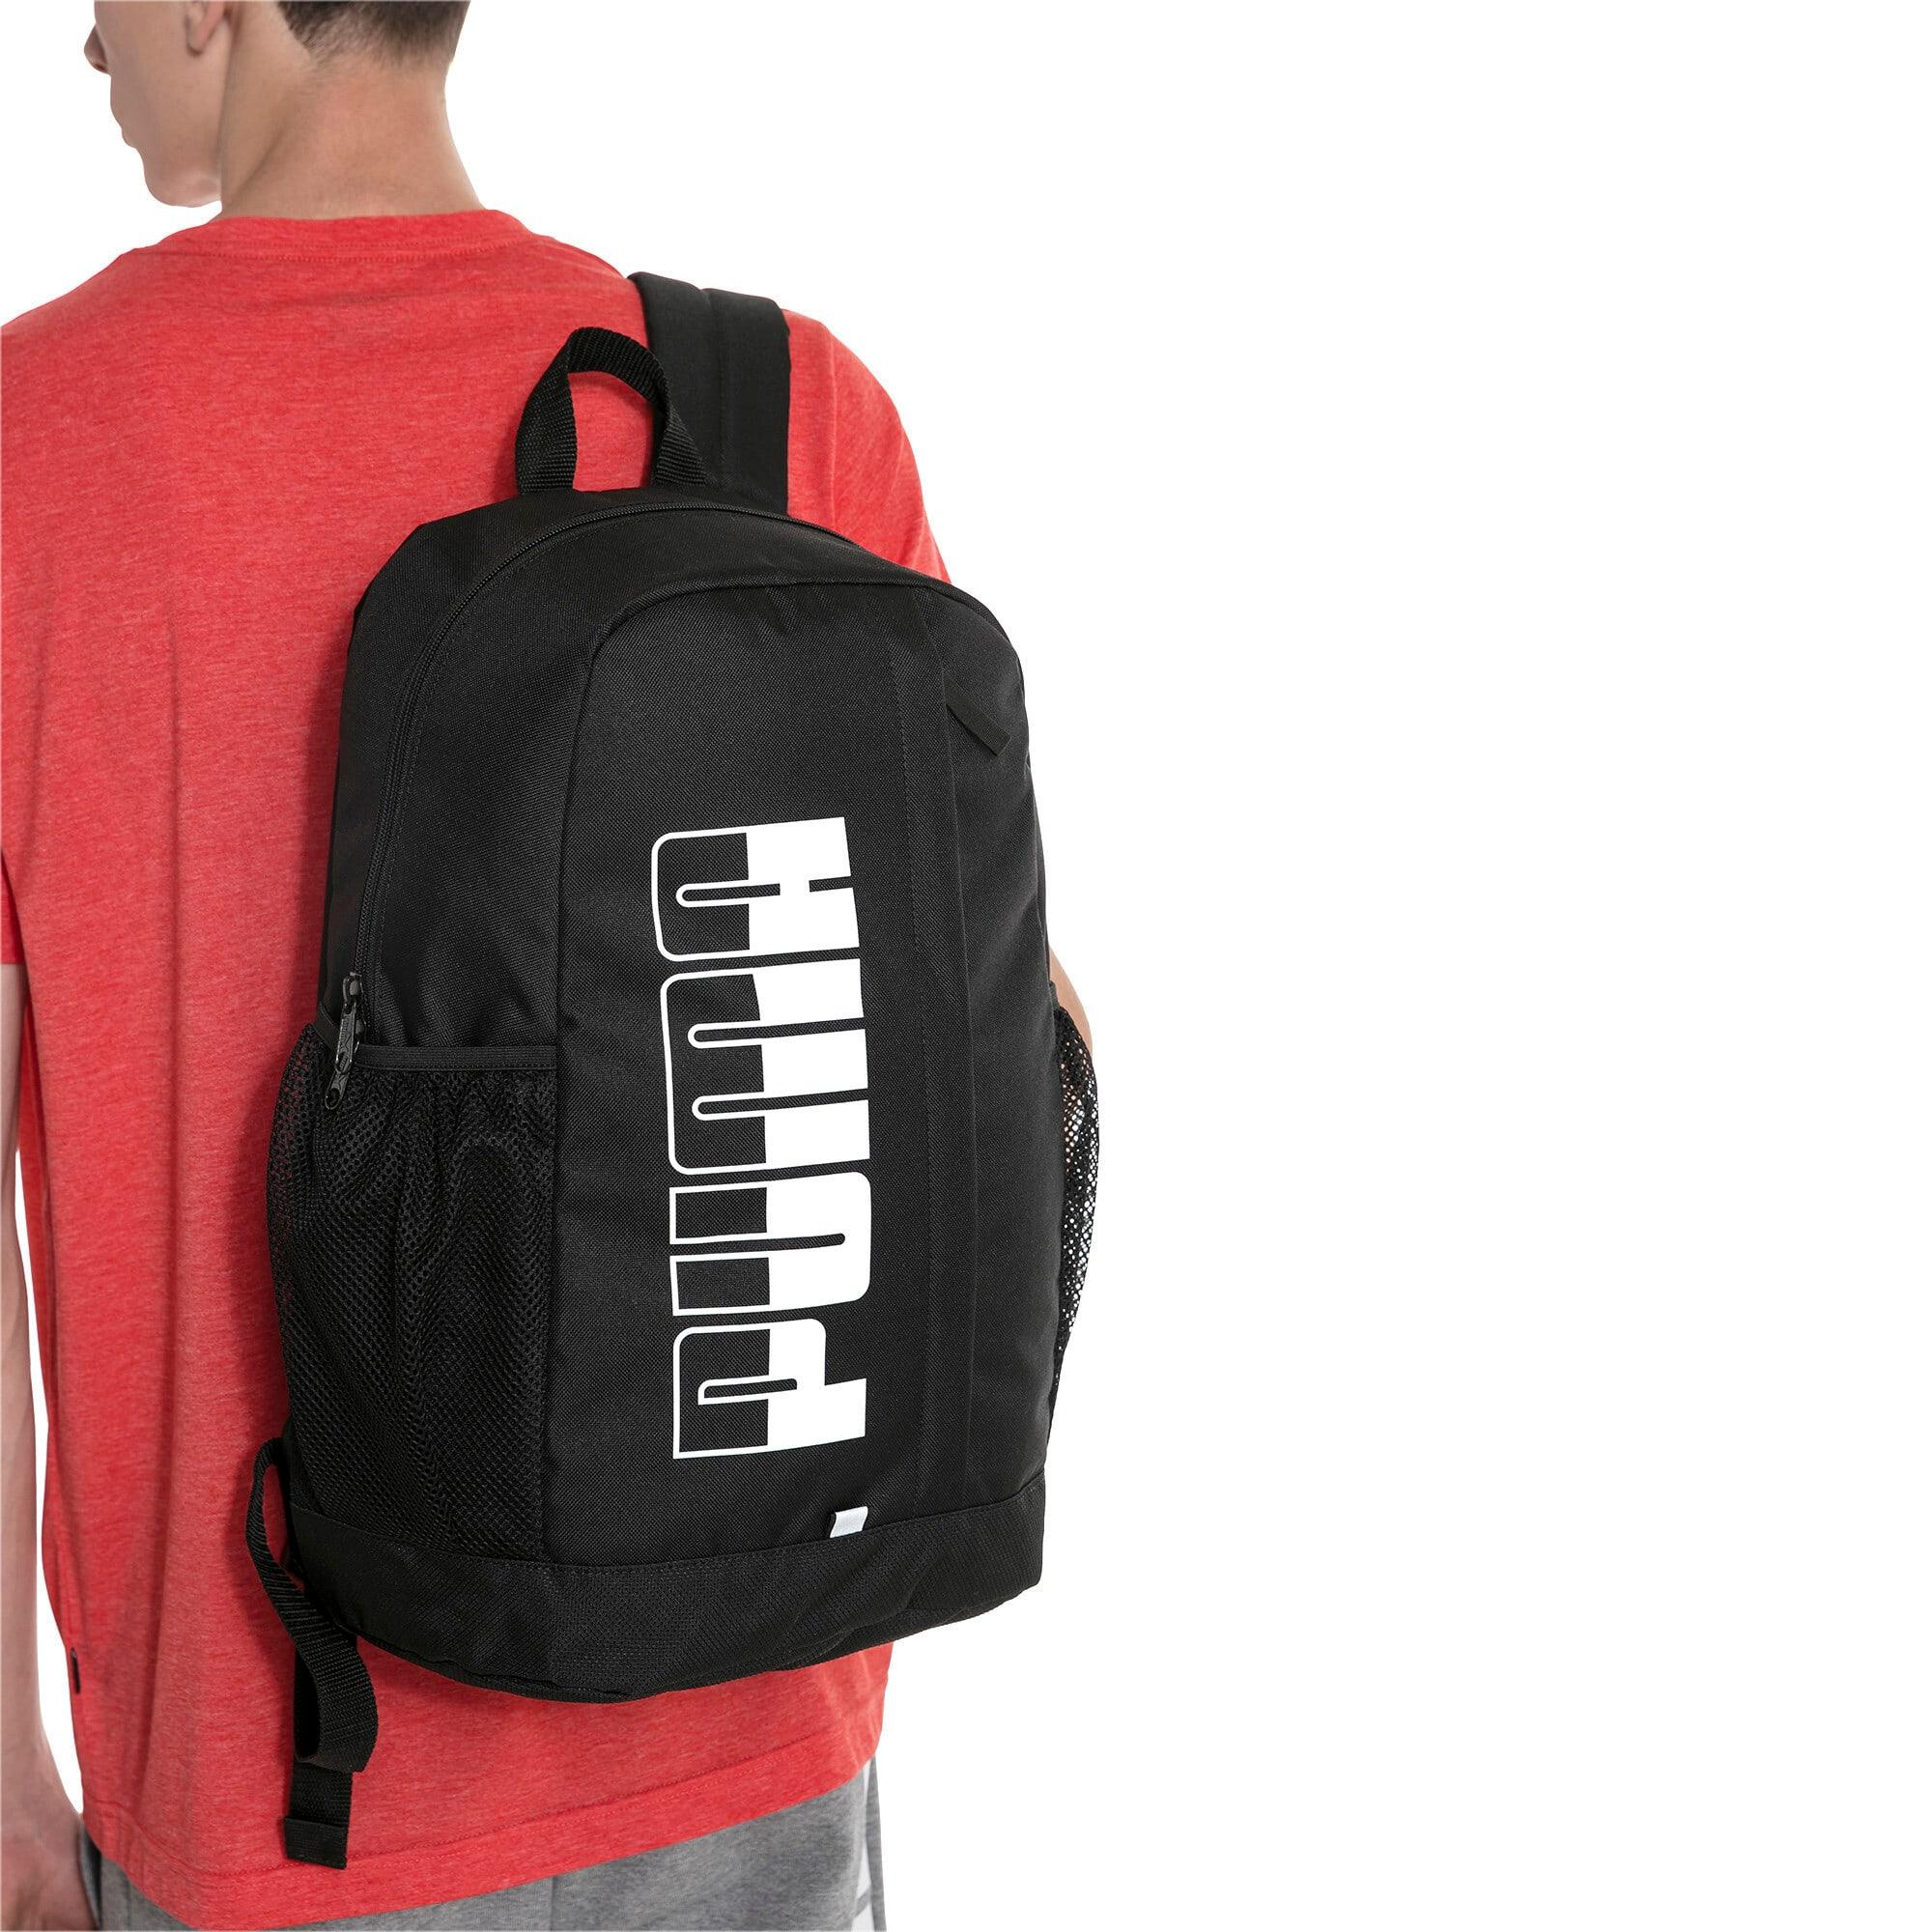 Thumbnail 2 of Plus II Backpack, Puma Black, medium